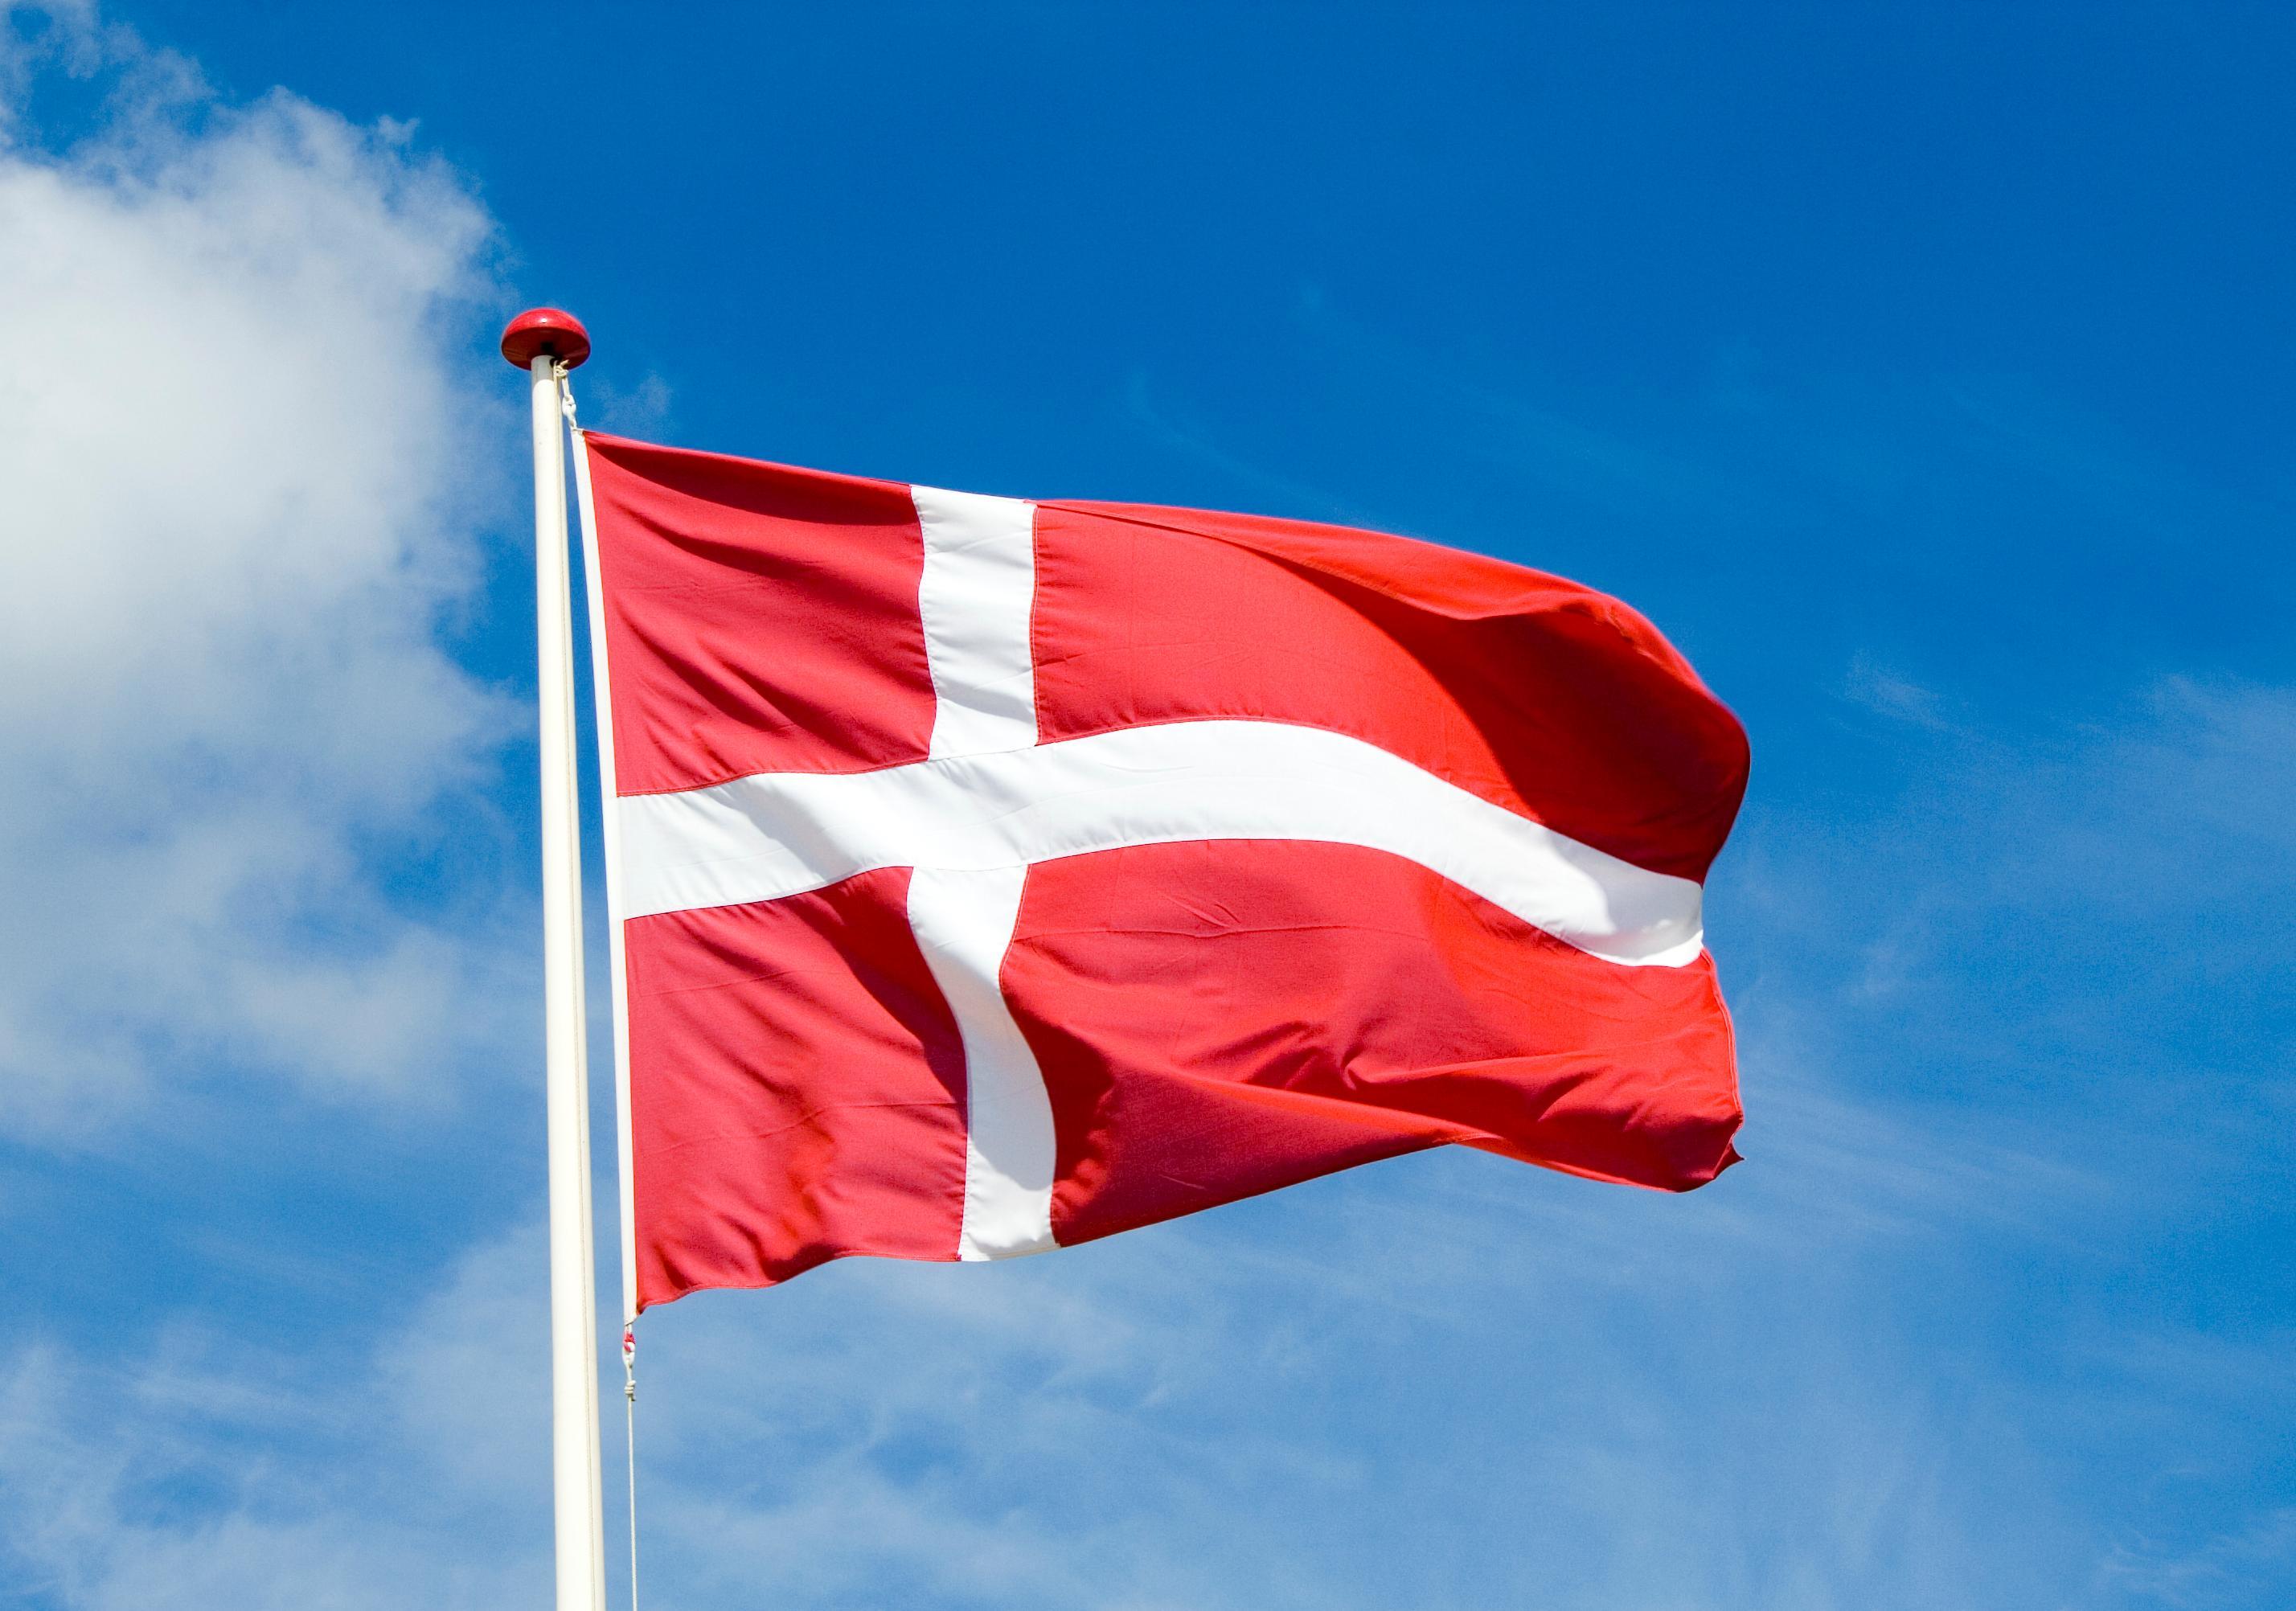 Học bổng của chính phủ, Đan Mạch, 2017